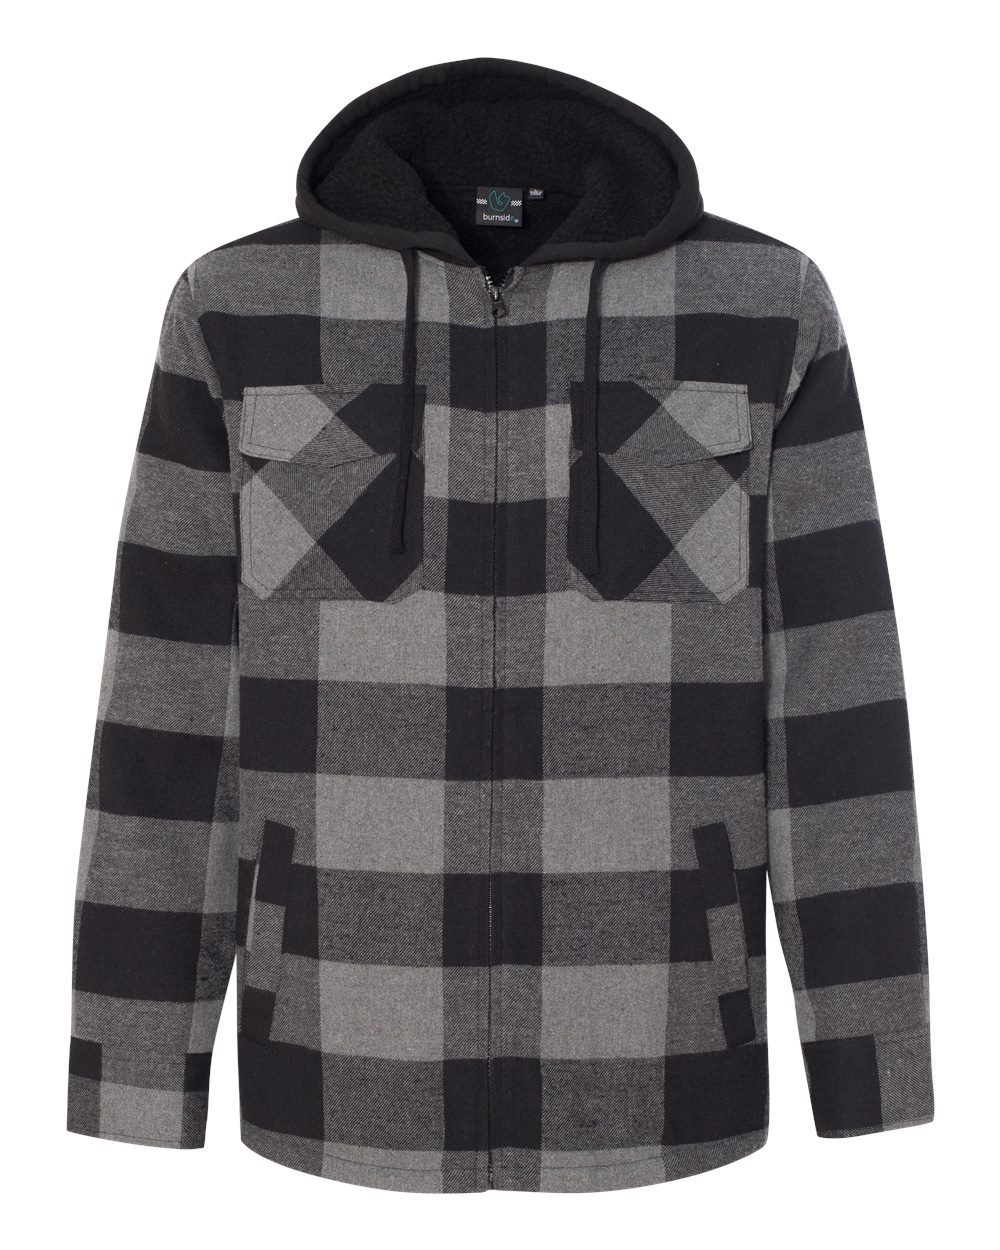 Burnside Clothing 8620 Blankstyle Com